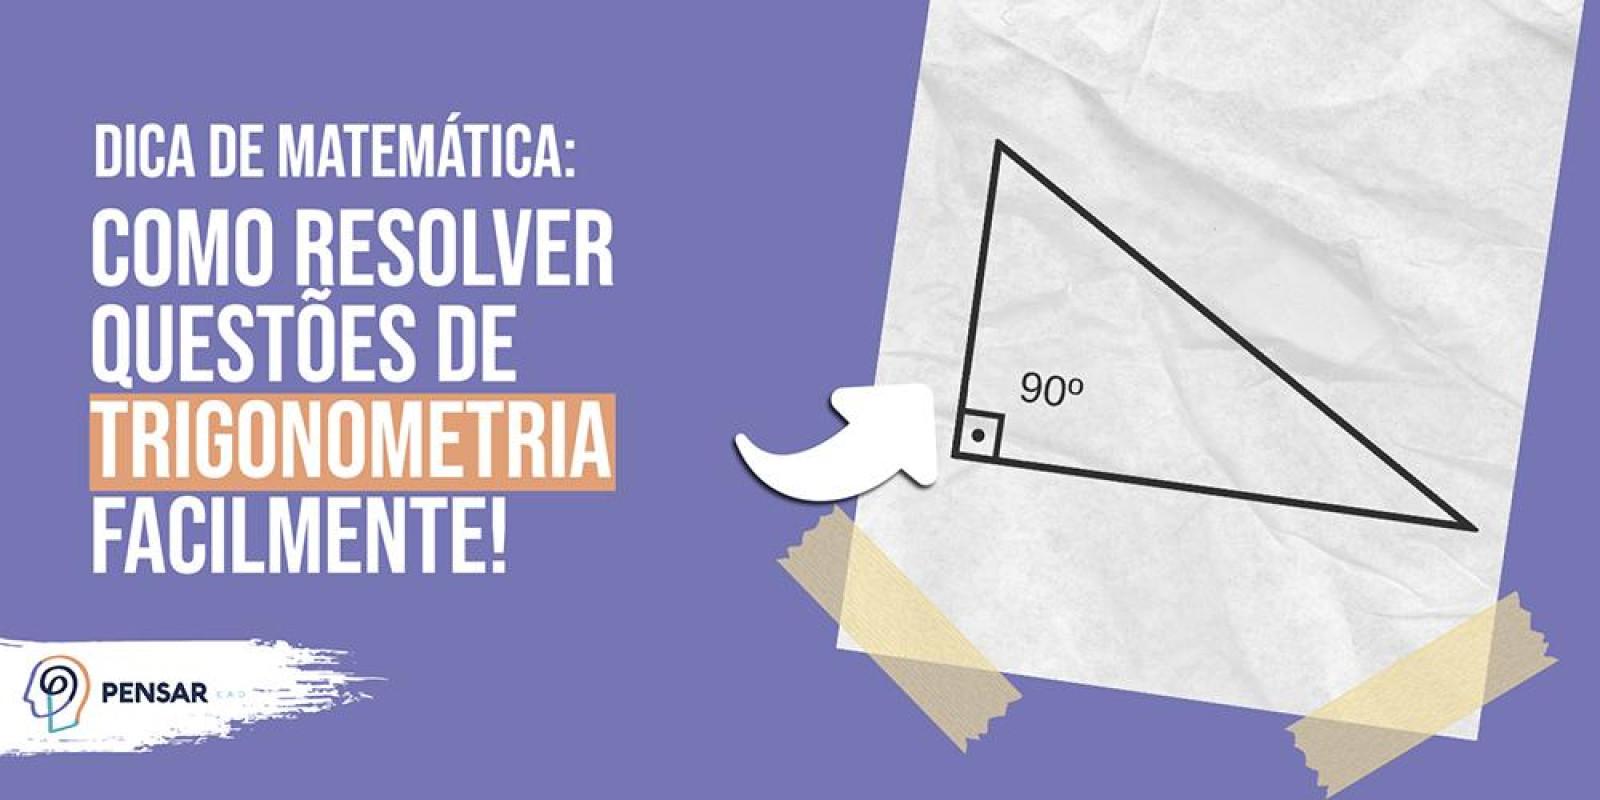 Dica de Matemática: como resolver questões de trigonometria facilmente!